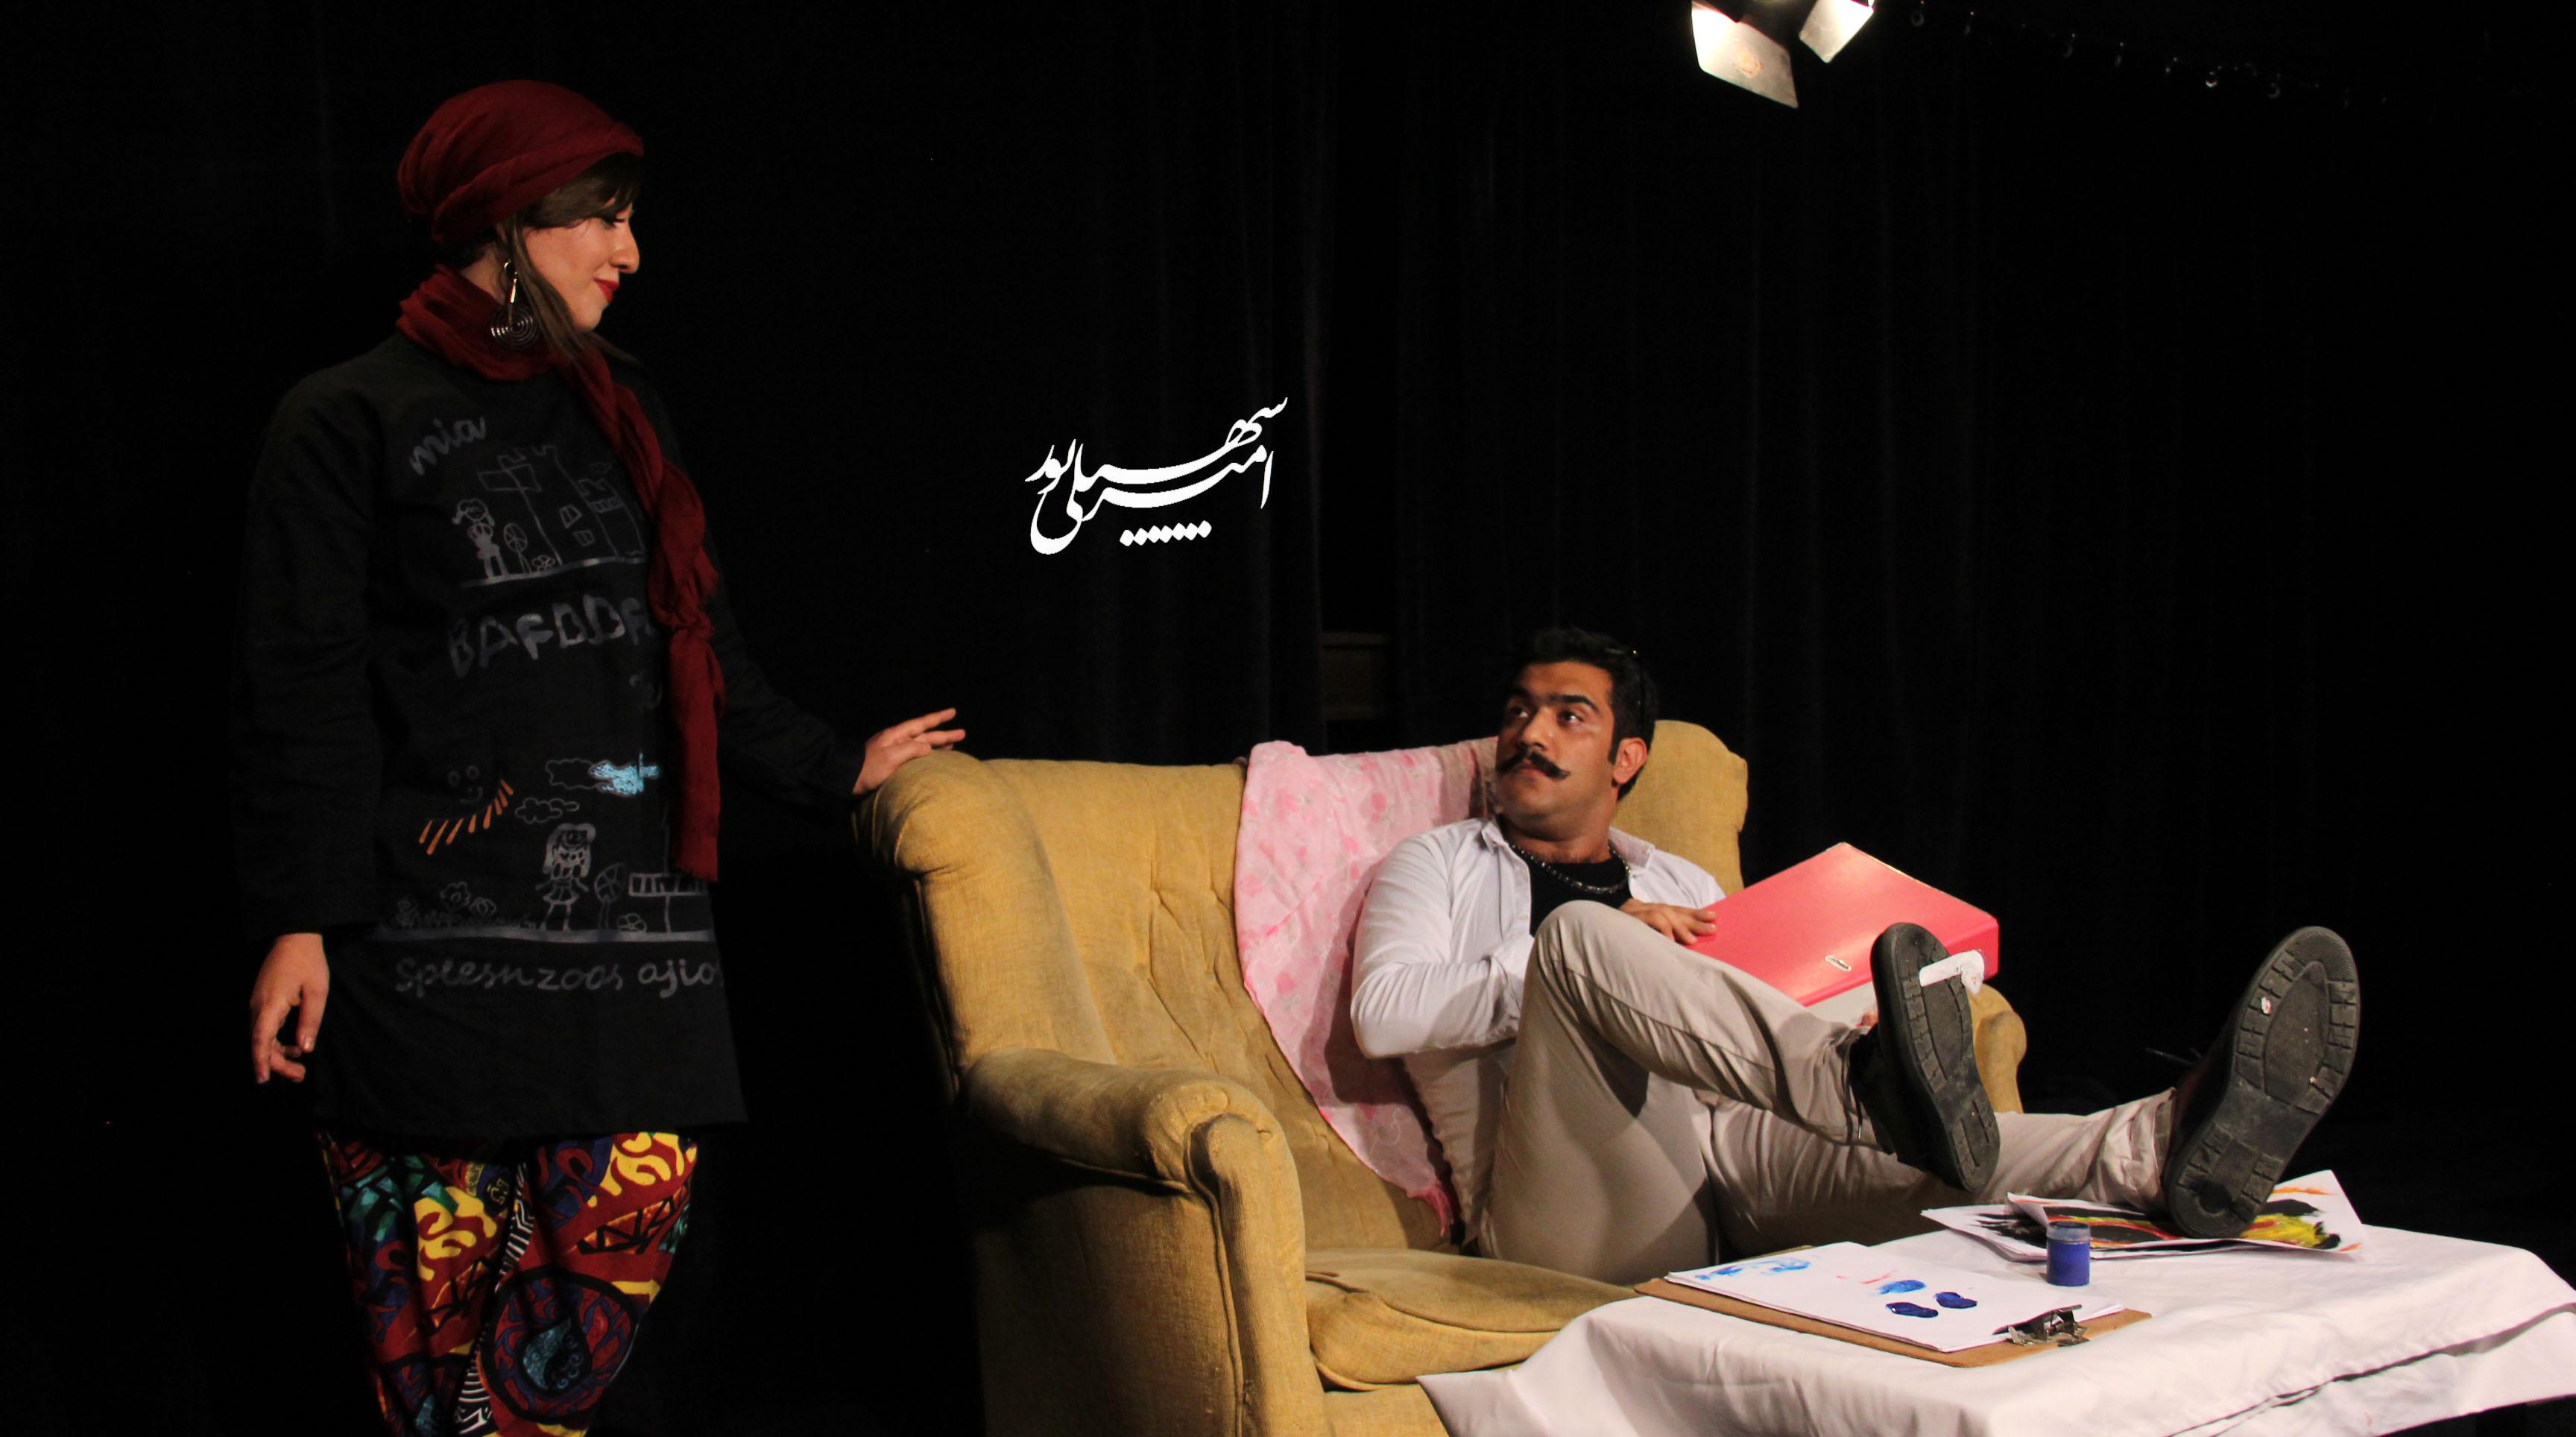 گزارش تصویری نمایش «شام با دوستان»؛عکاس : امیر سهیلی پور